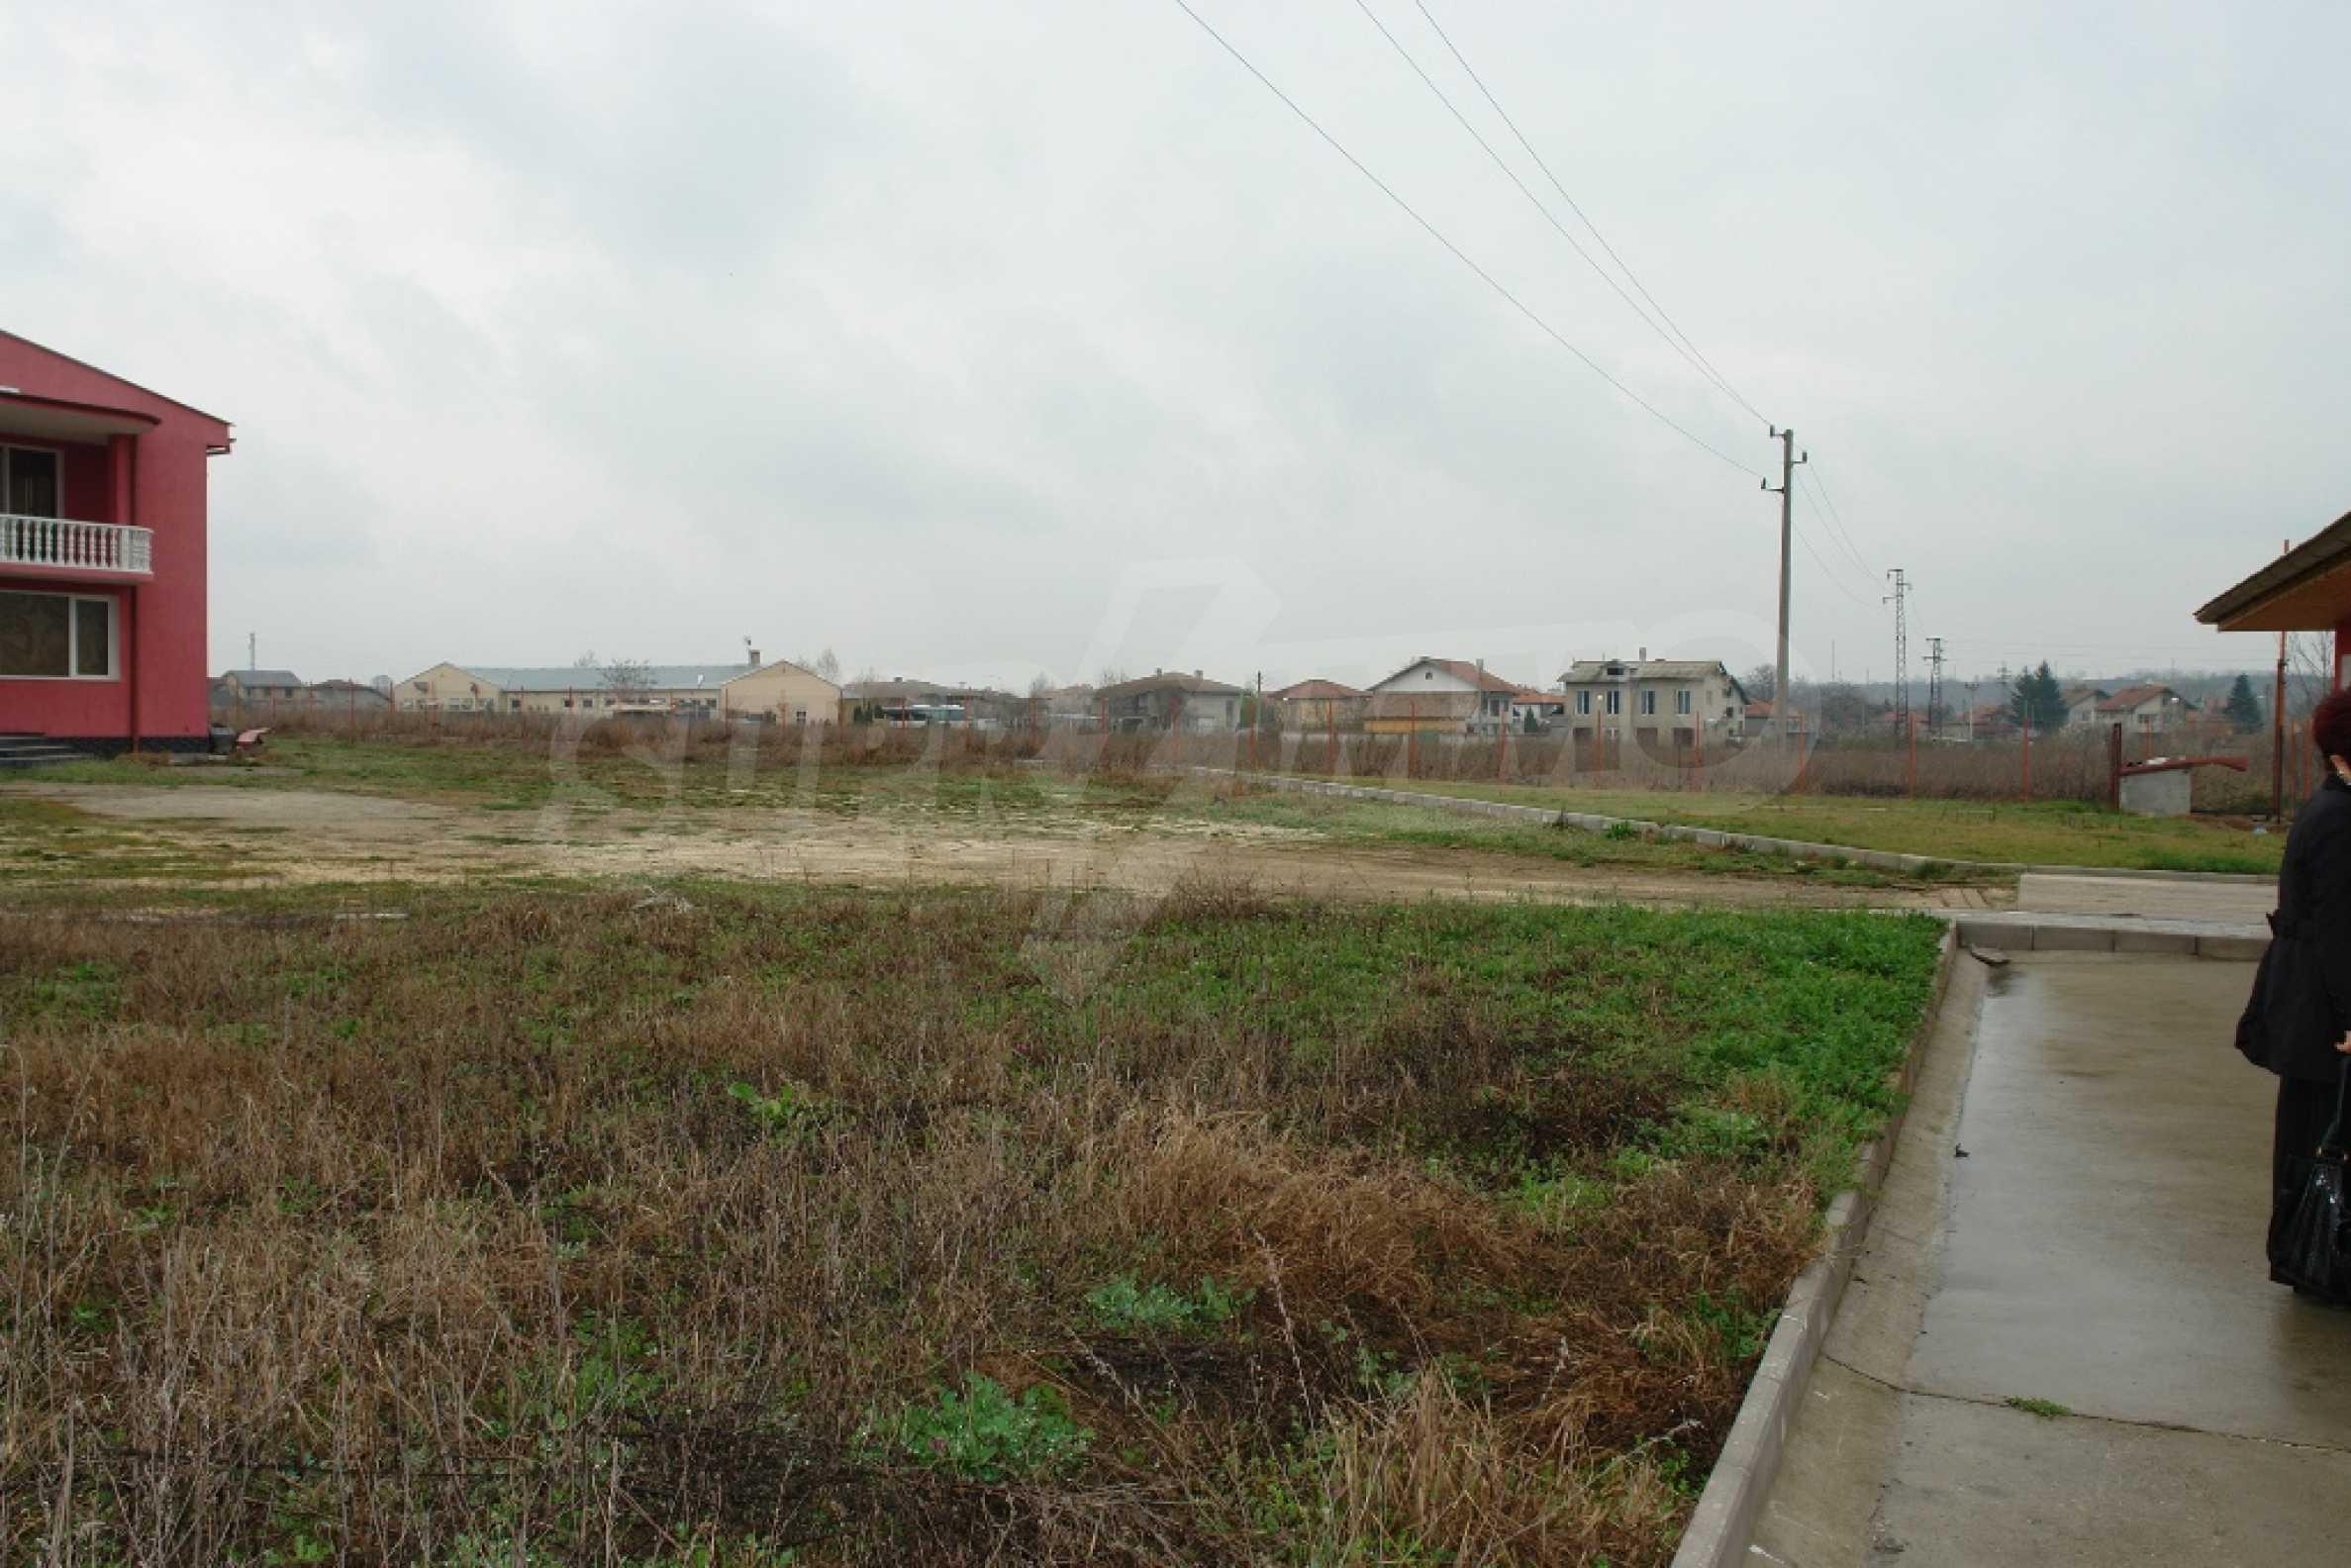 Industrieverpackungsbasis in der Stadt Martin, Region Ruse 30